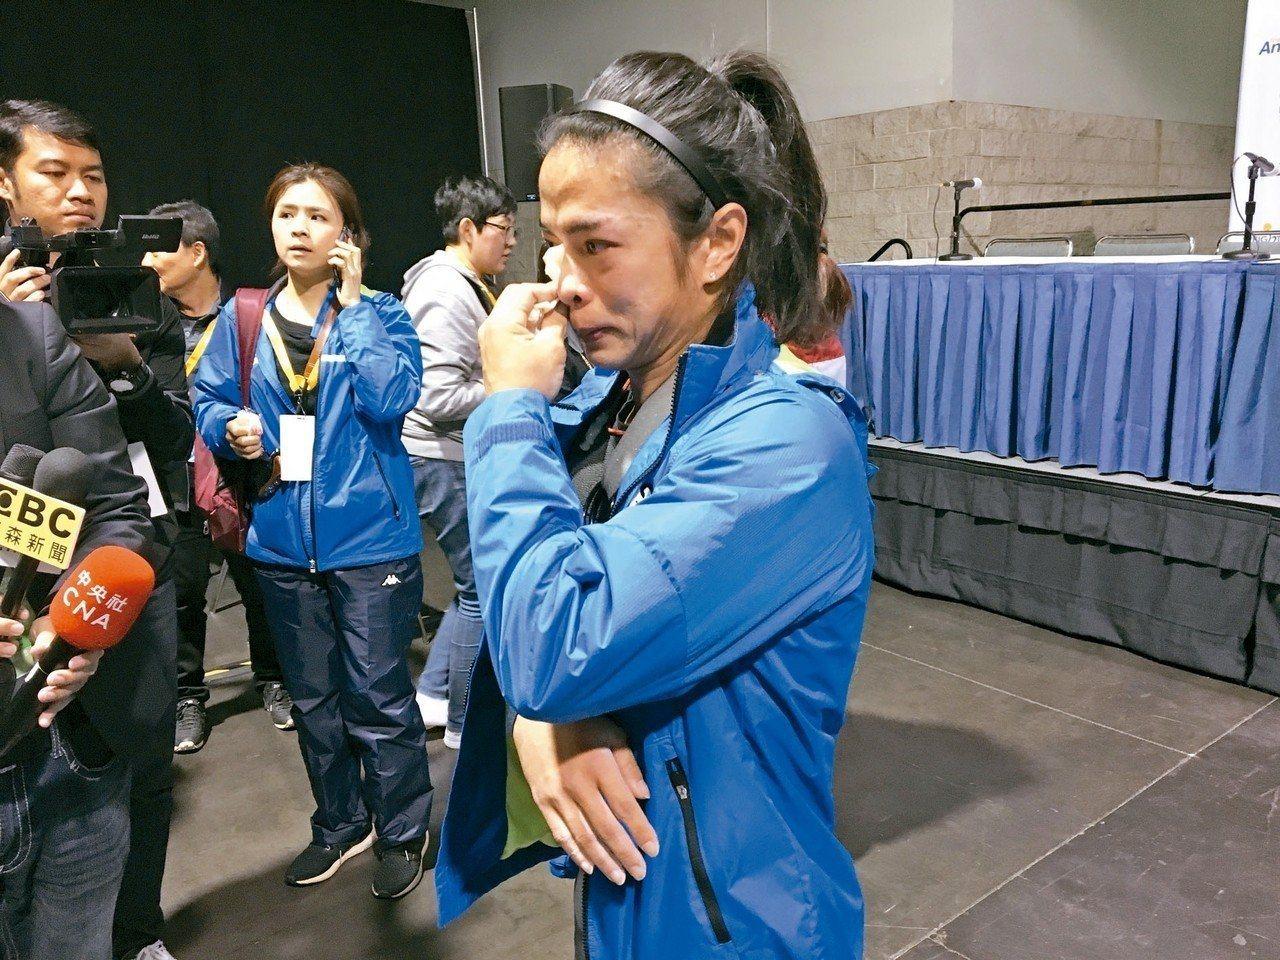 兩屆奧運舉重金牌好手許淑淨陷入禁藥風波後,台灣體壇連環爆,中華奧會依照世界反禁藥...